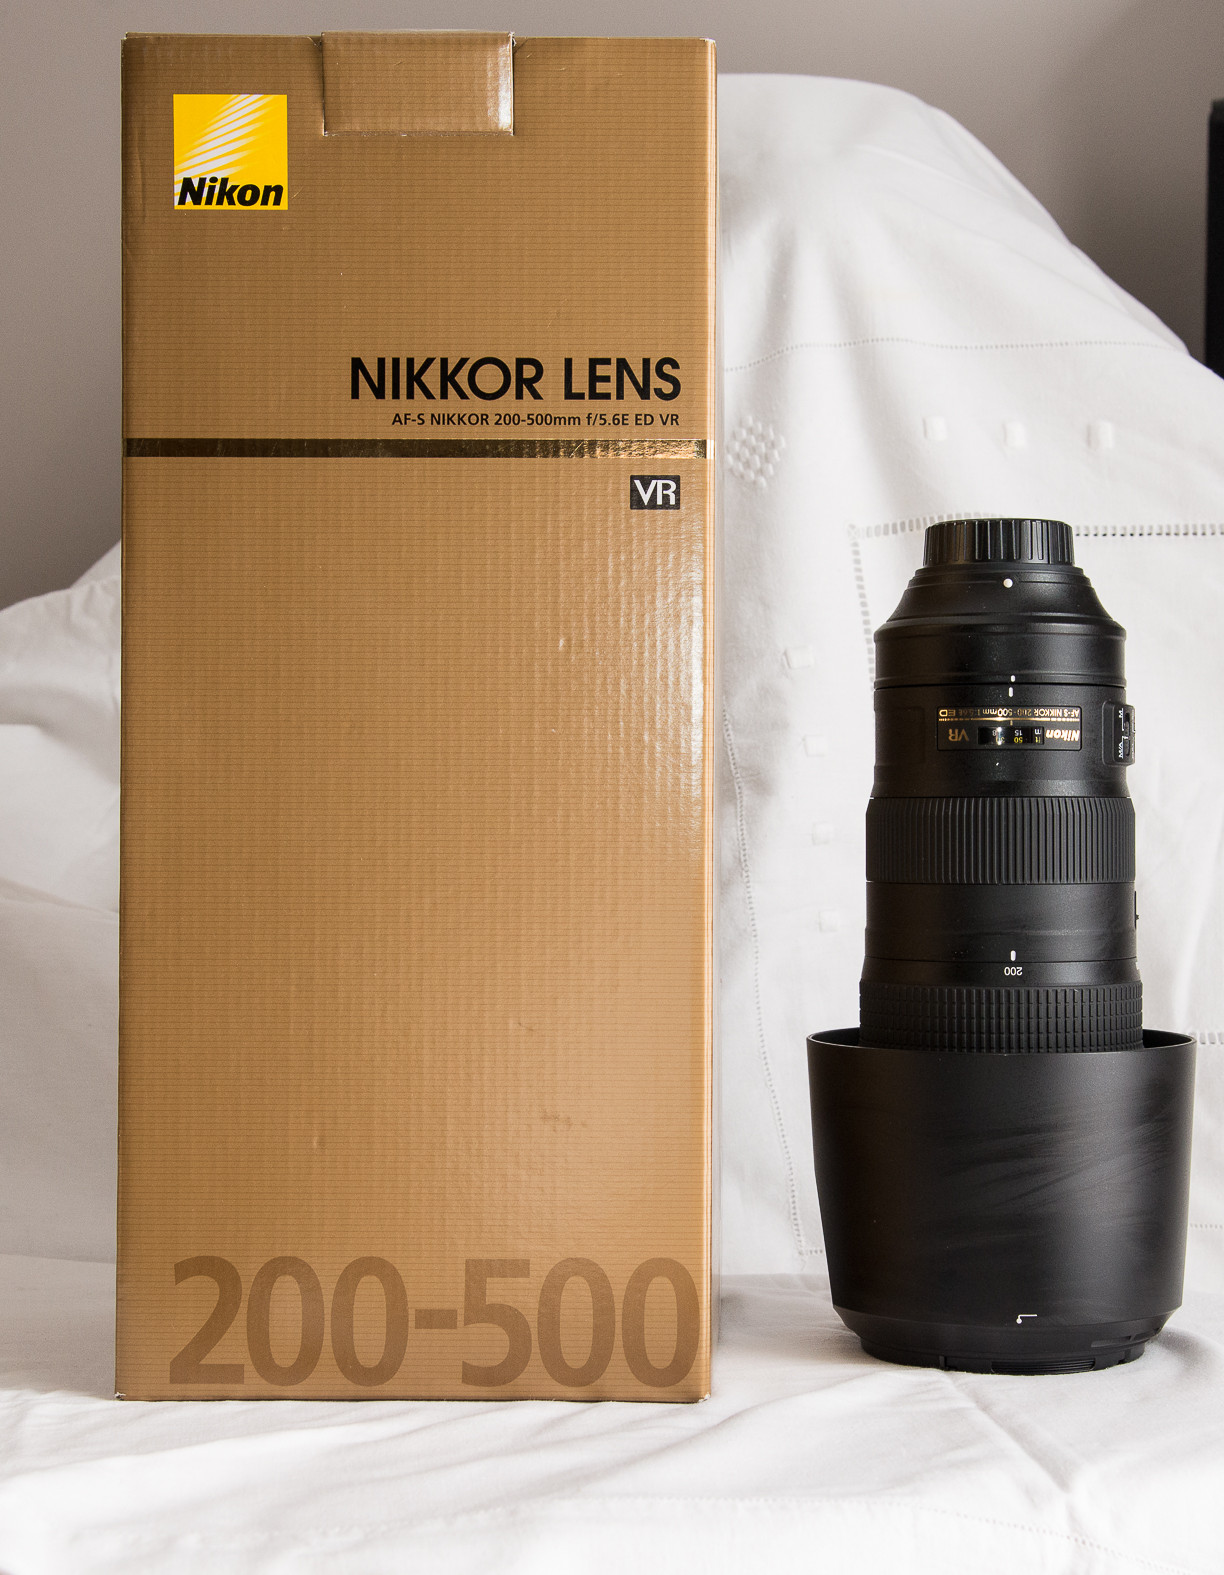 Objectif Nikon 200-500mm f/5.6